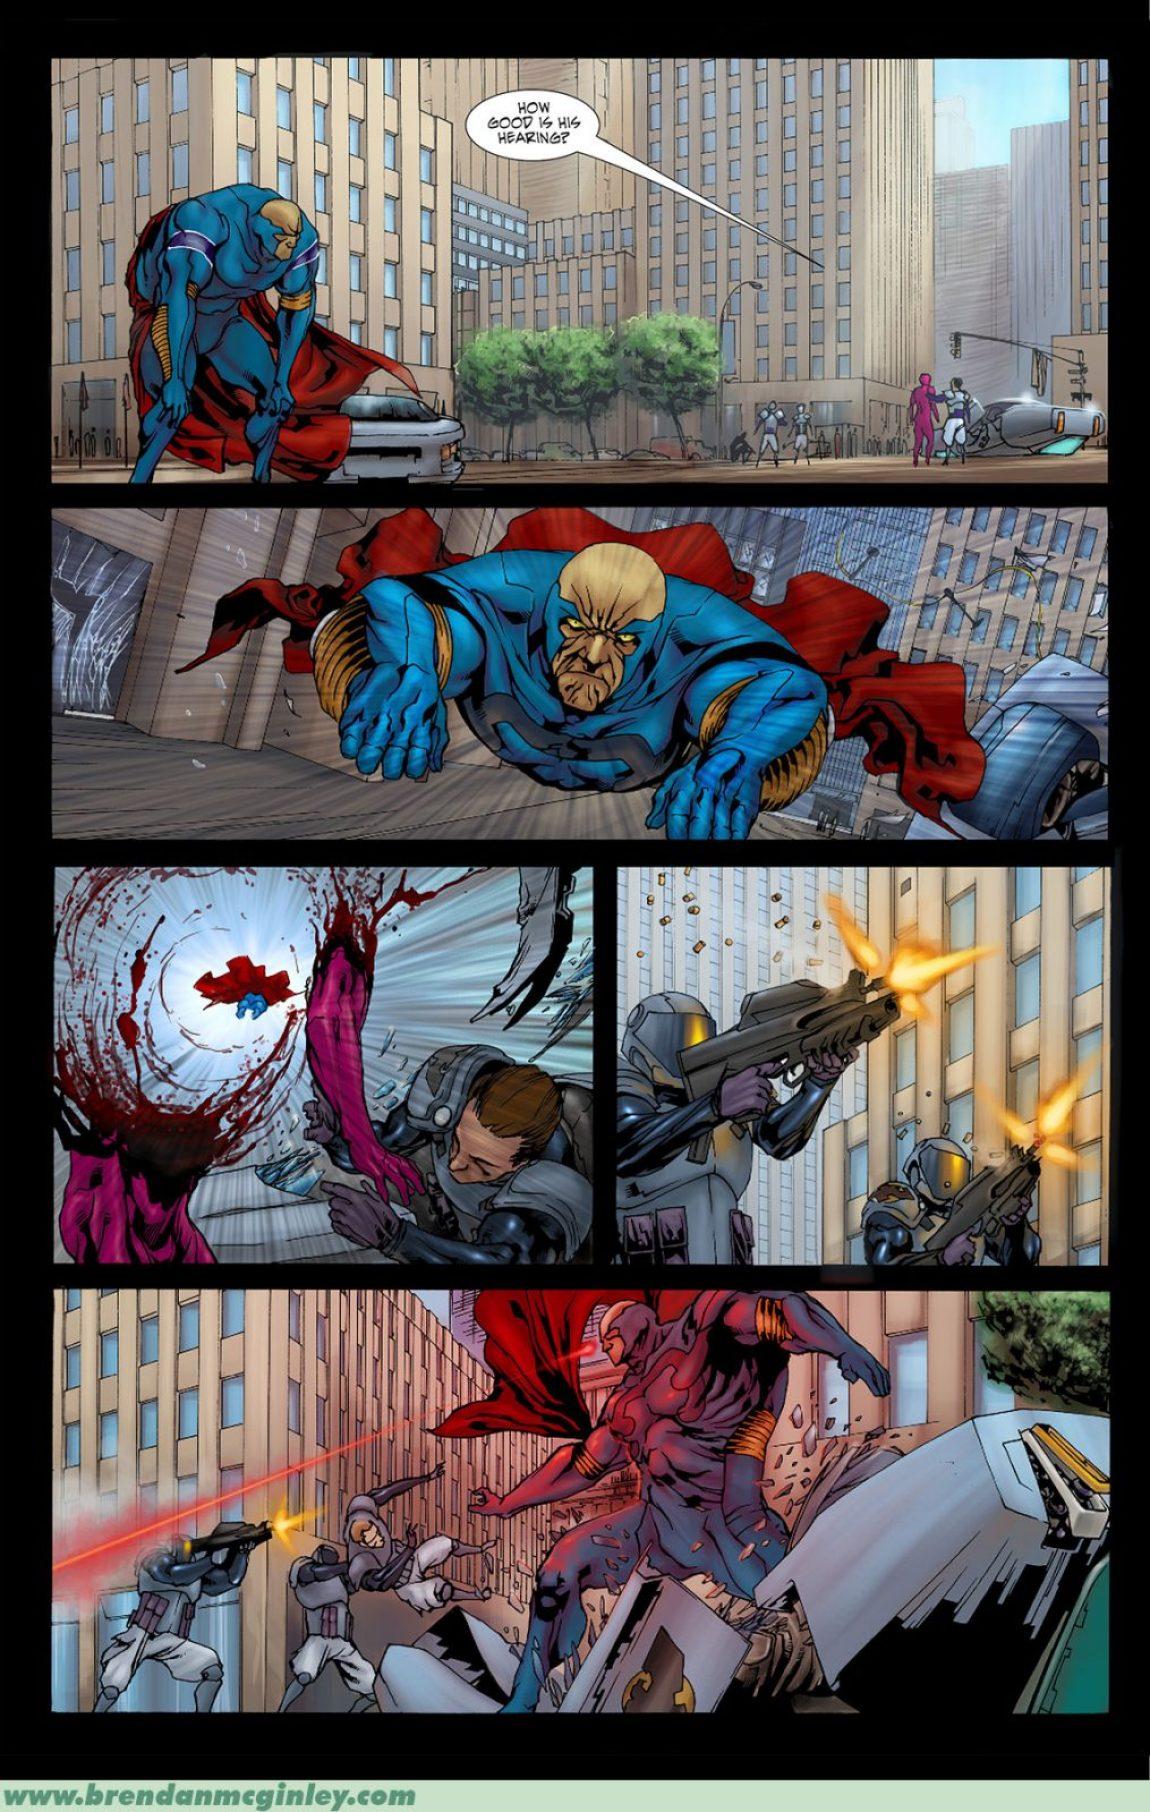 How do you stop a superhero?